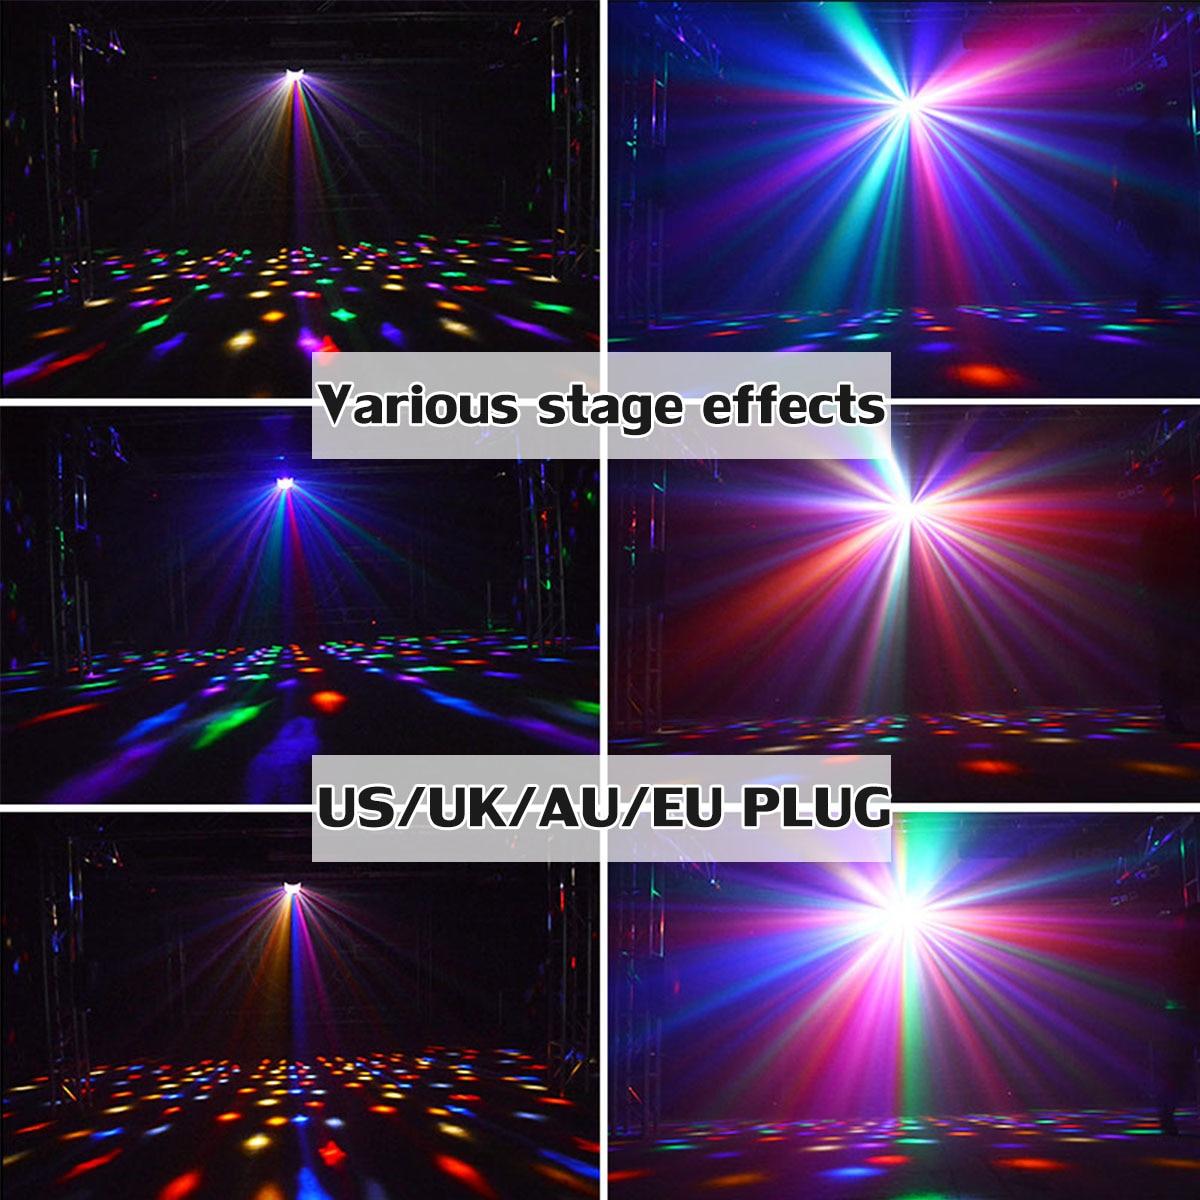 13 W LED projecteur Laser lumière Disco télécommande son contrôle lumière rvb DJ fête scène lumière musique prise en charge USB/SD sans fil bluetooth